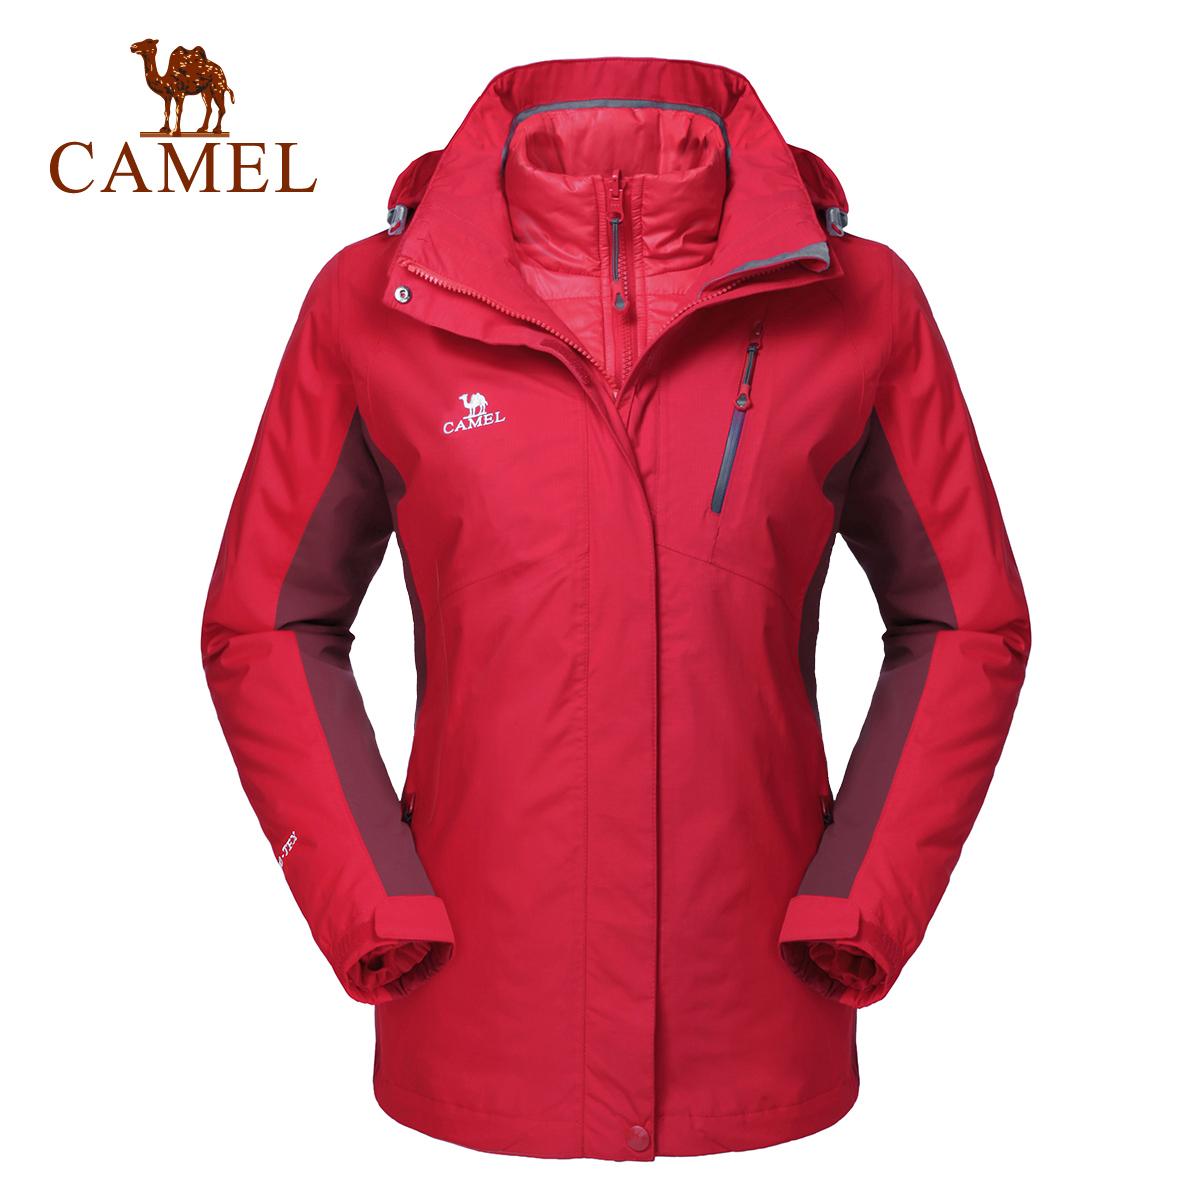 骆驼户外红色冲锋衣女三合一可拆防水防风中老年防寒服妈妈装外套